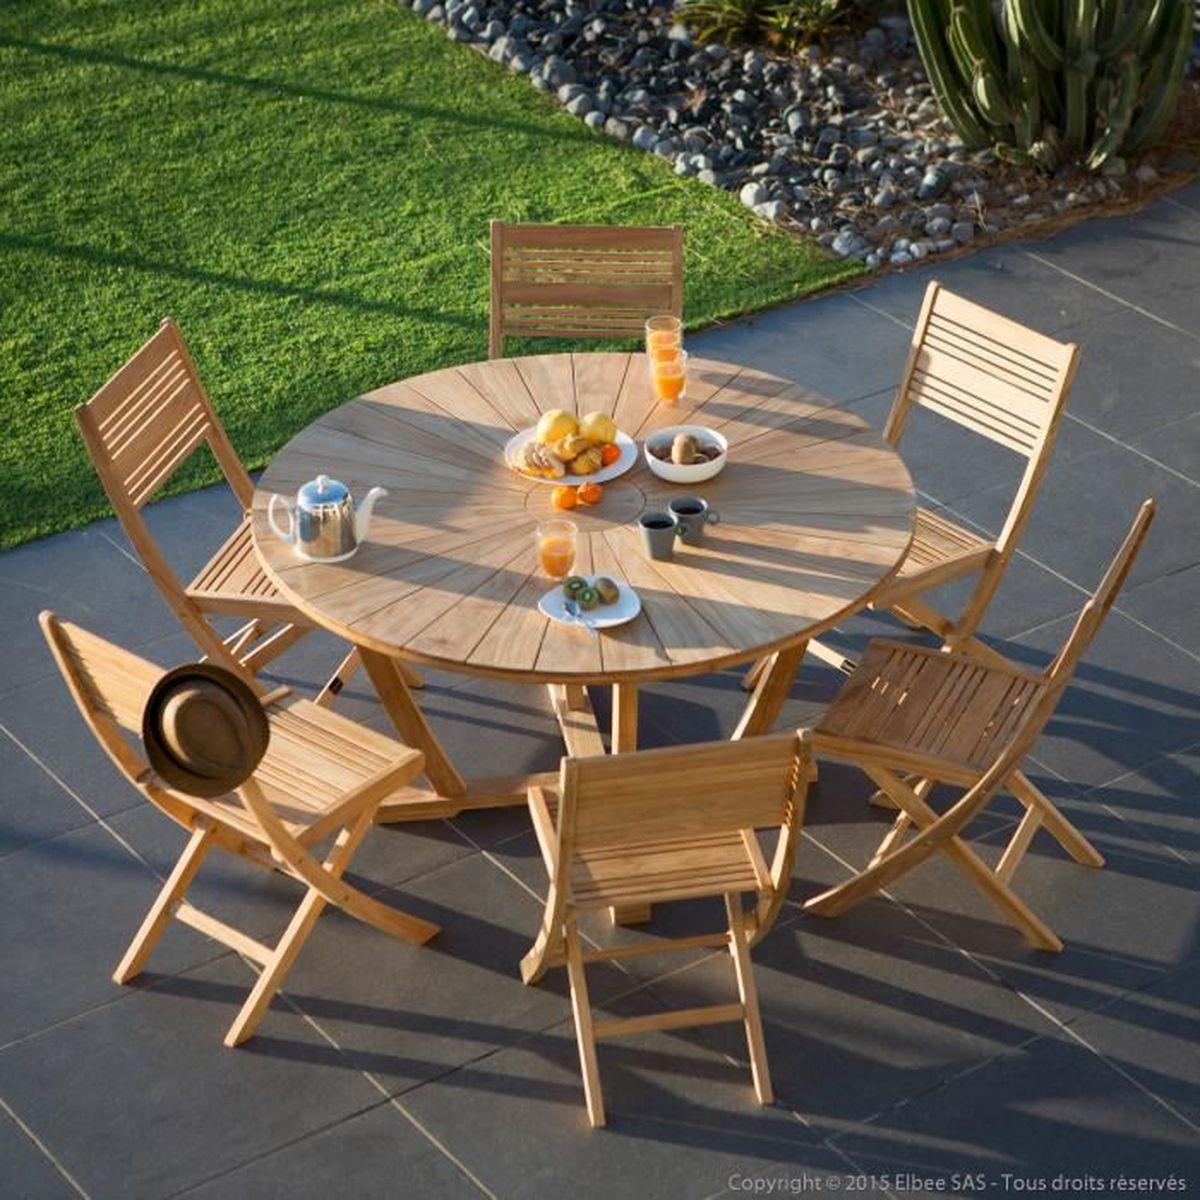 Salon de jardin 6 places en teck brut : table ronde 140cm + ...